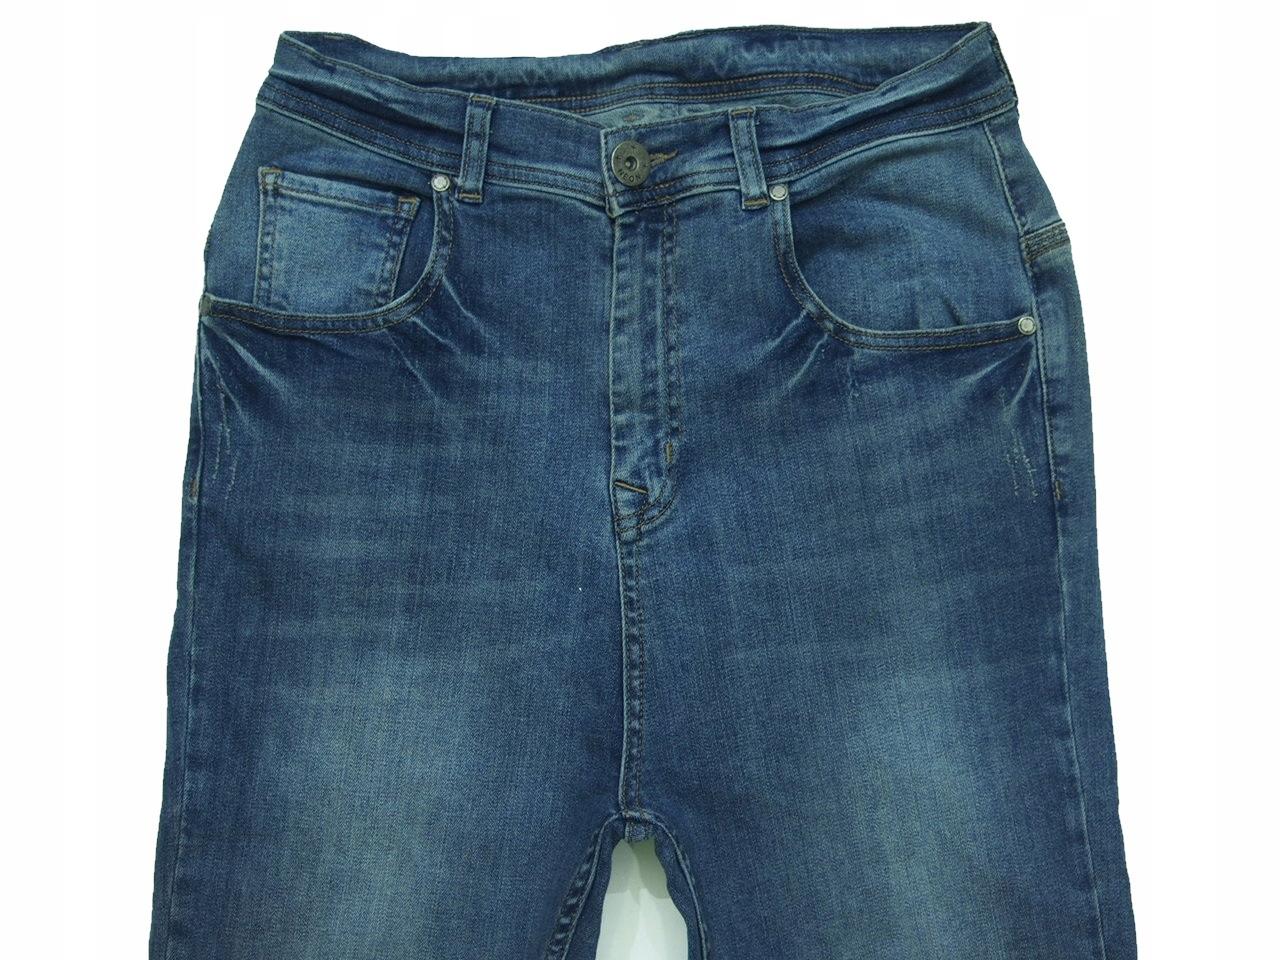 594856102599 ASOS jeans spodnie dżins lycra slim 30x32 38 40 42 - 7687190930 ...